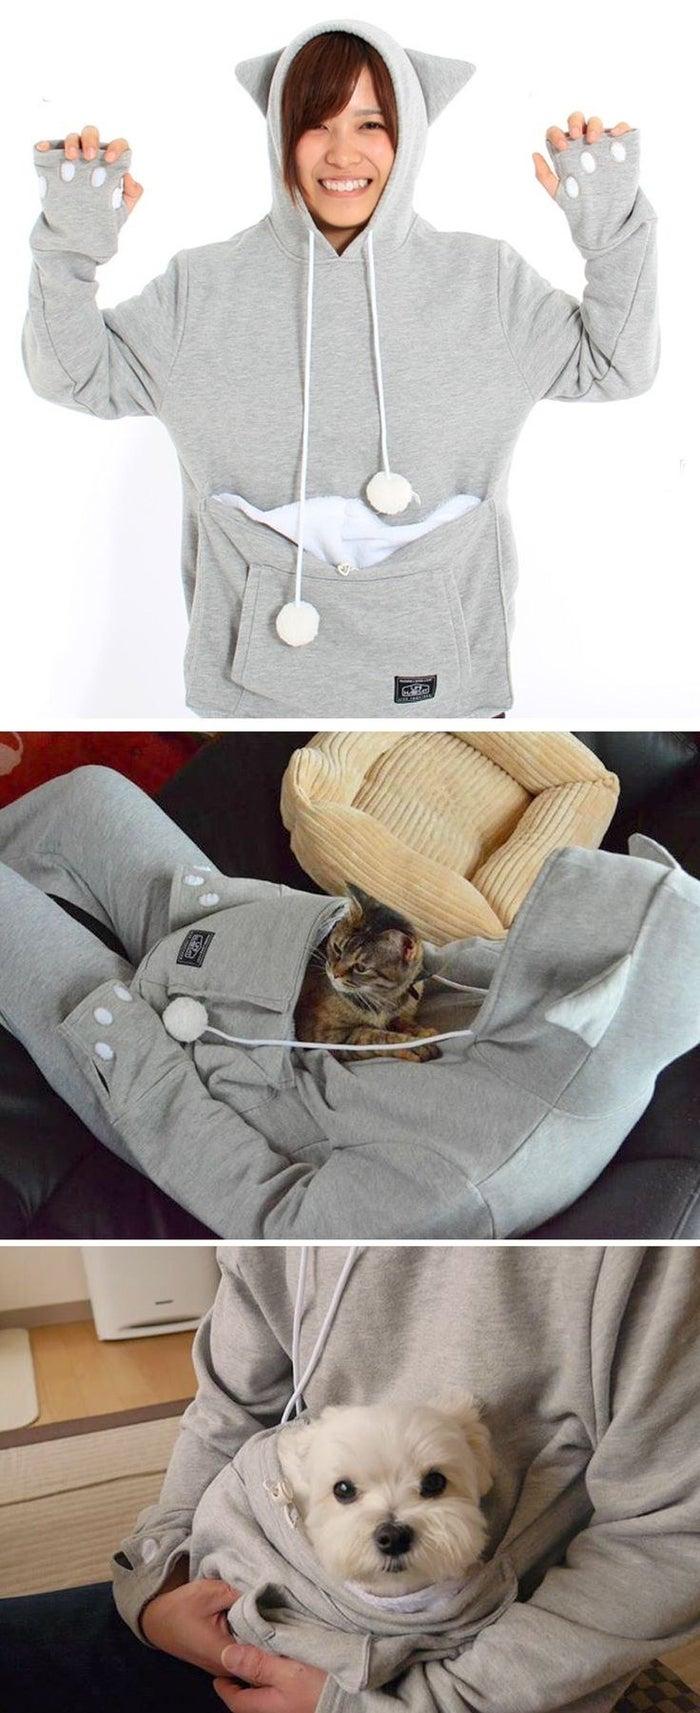 Snugglesnugglesnuggle. Available here.